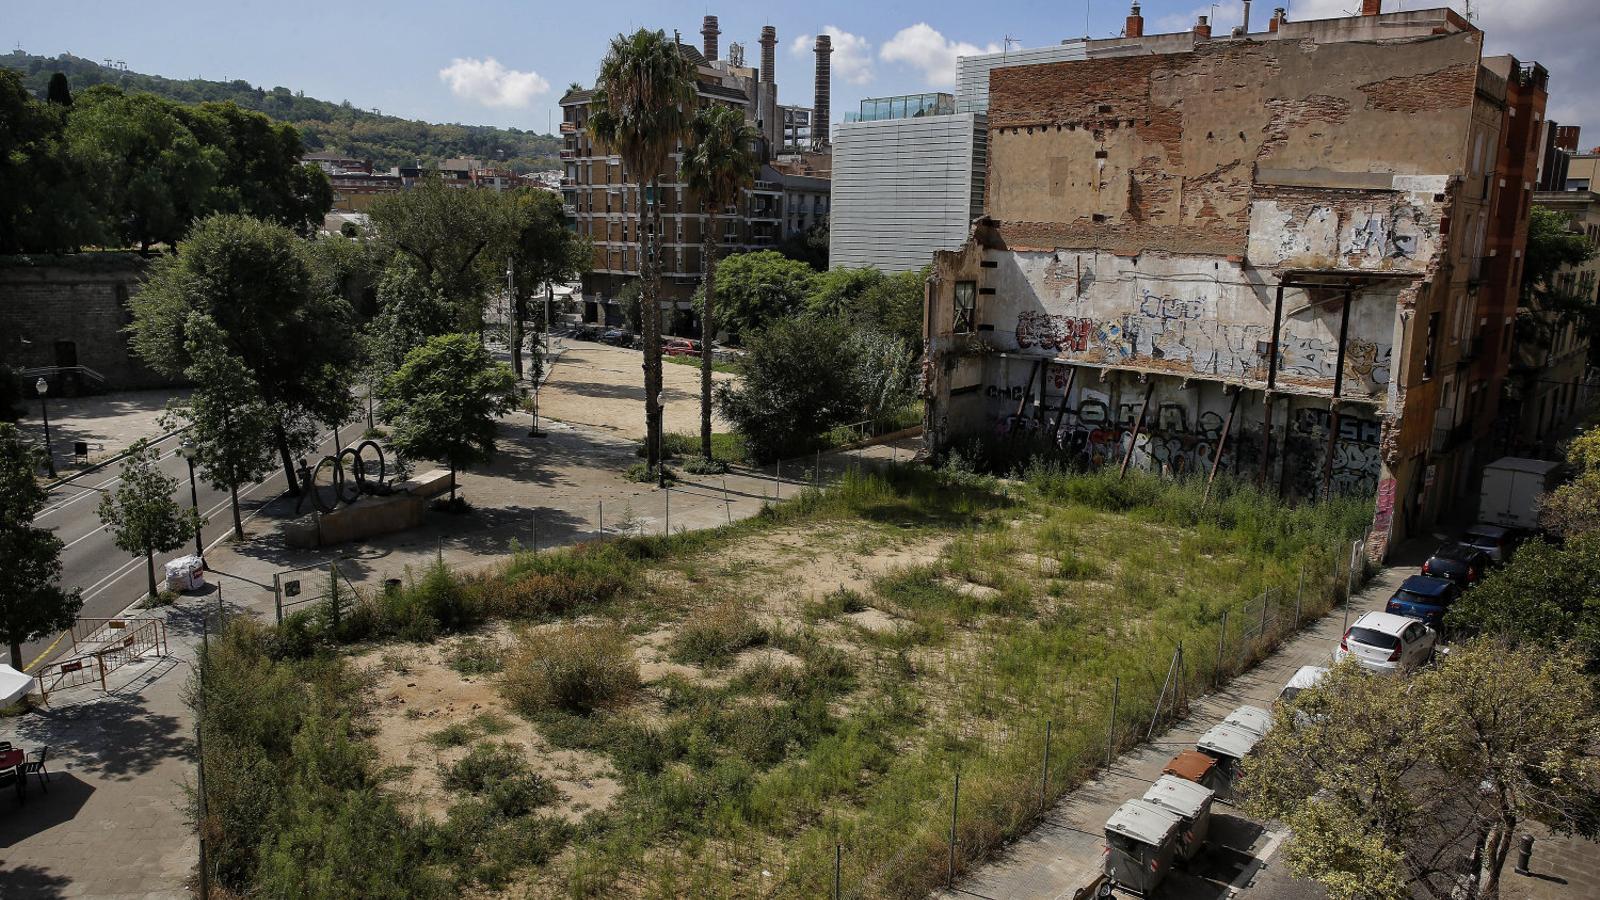 Una imatge recent del solar, ubicat entre els carrers Cid, Mina i Portal de Santa Madrona.